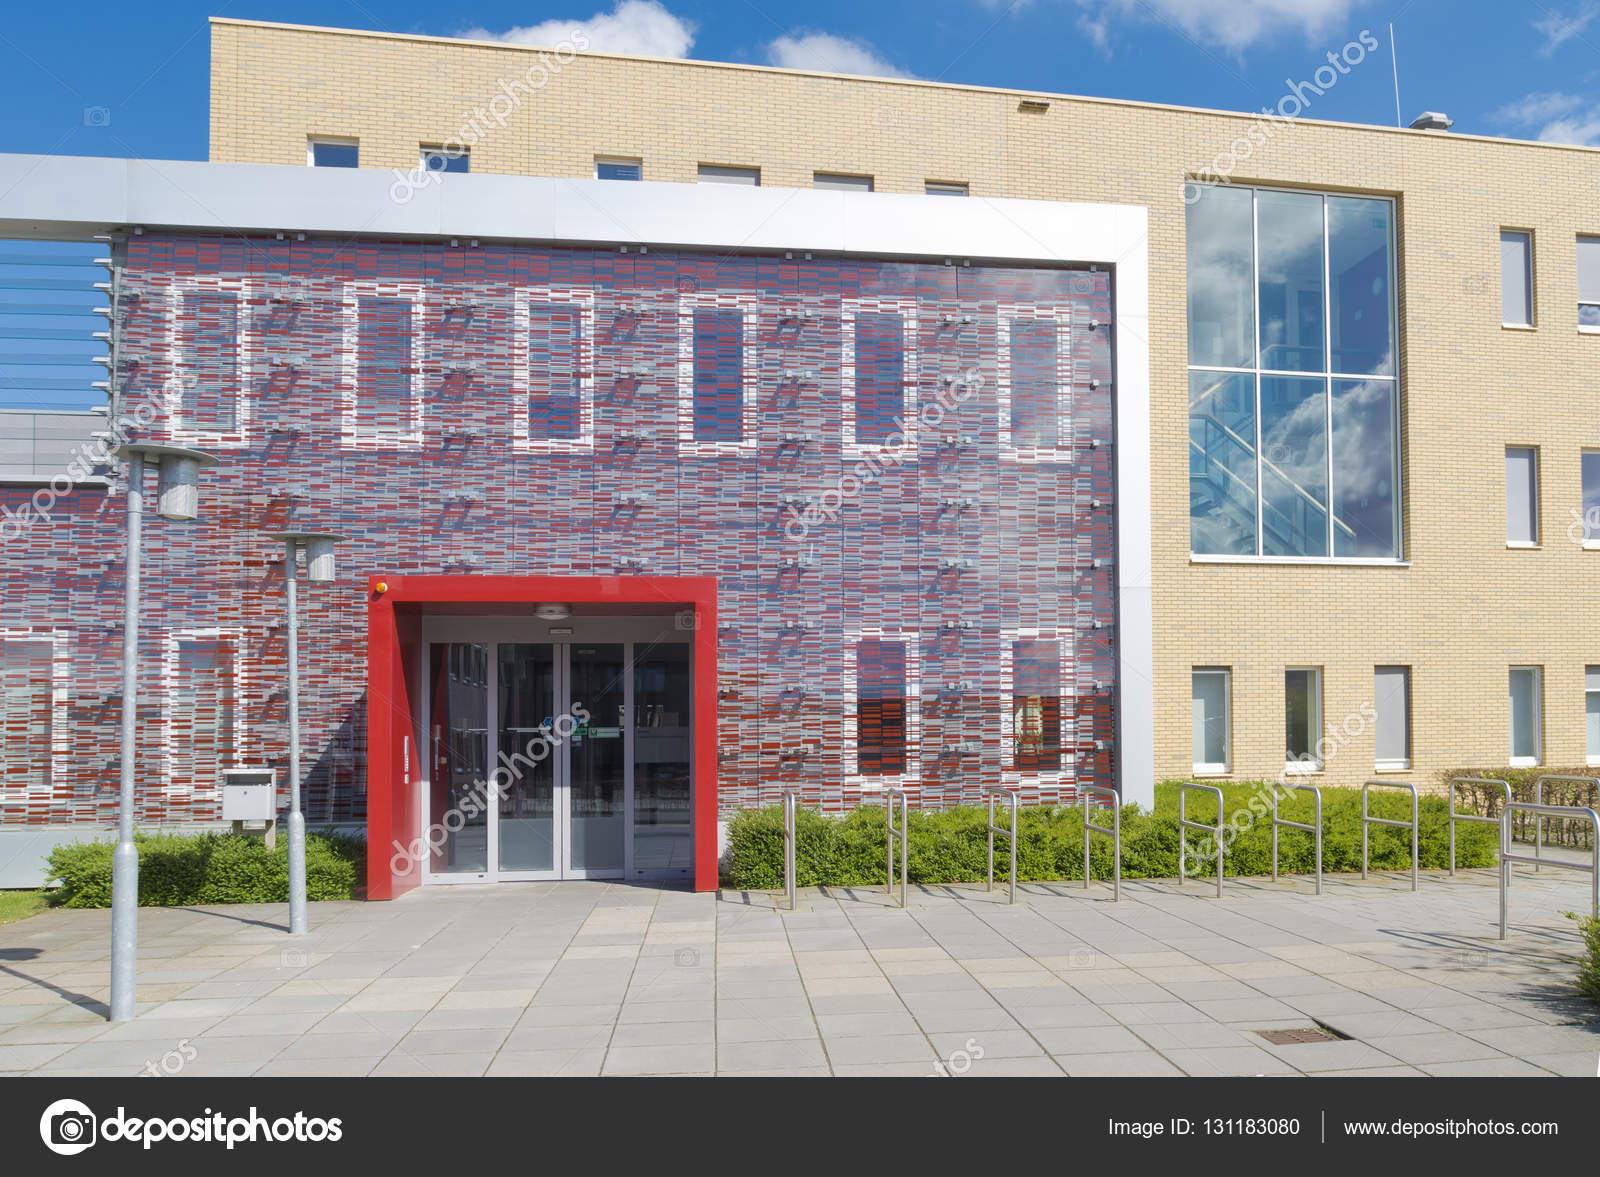 kleines Büro Gebäudeeingang — Stockfoto © hansenn #131183080